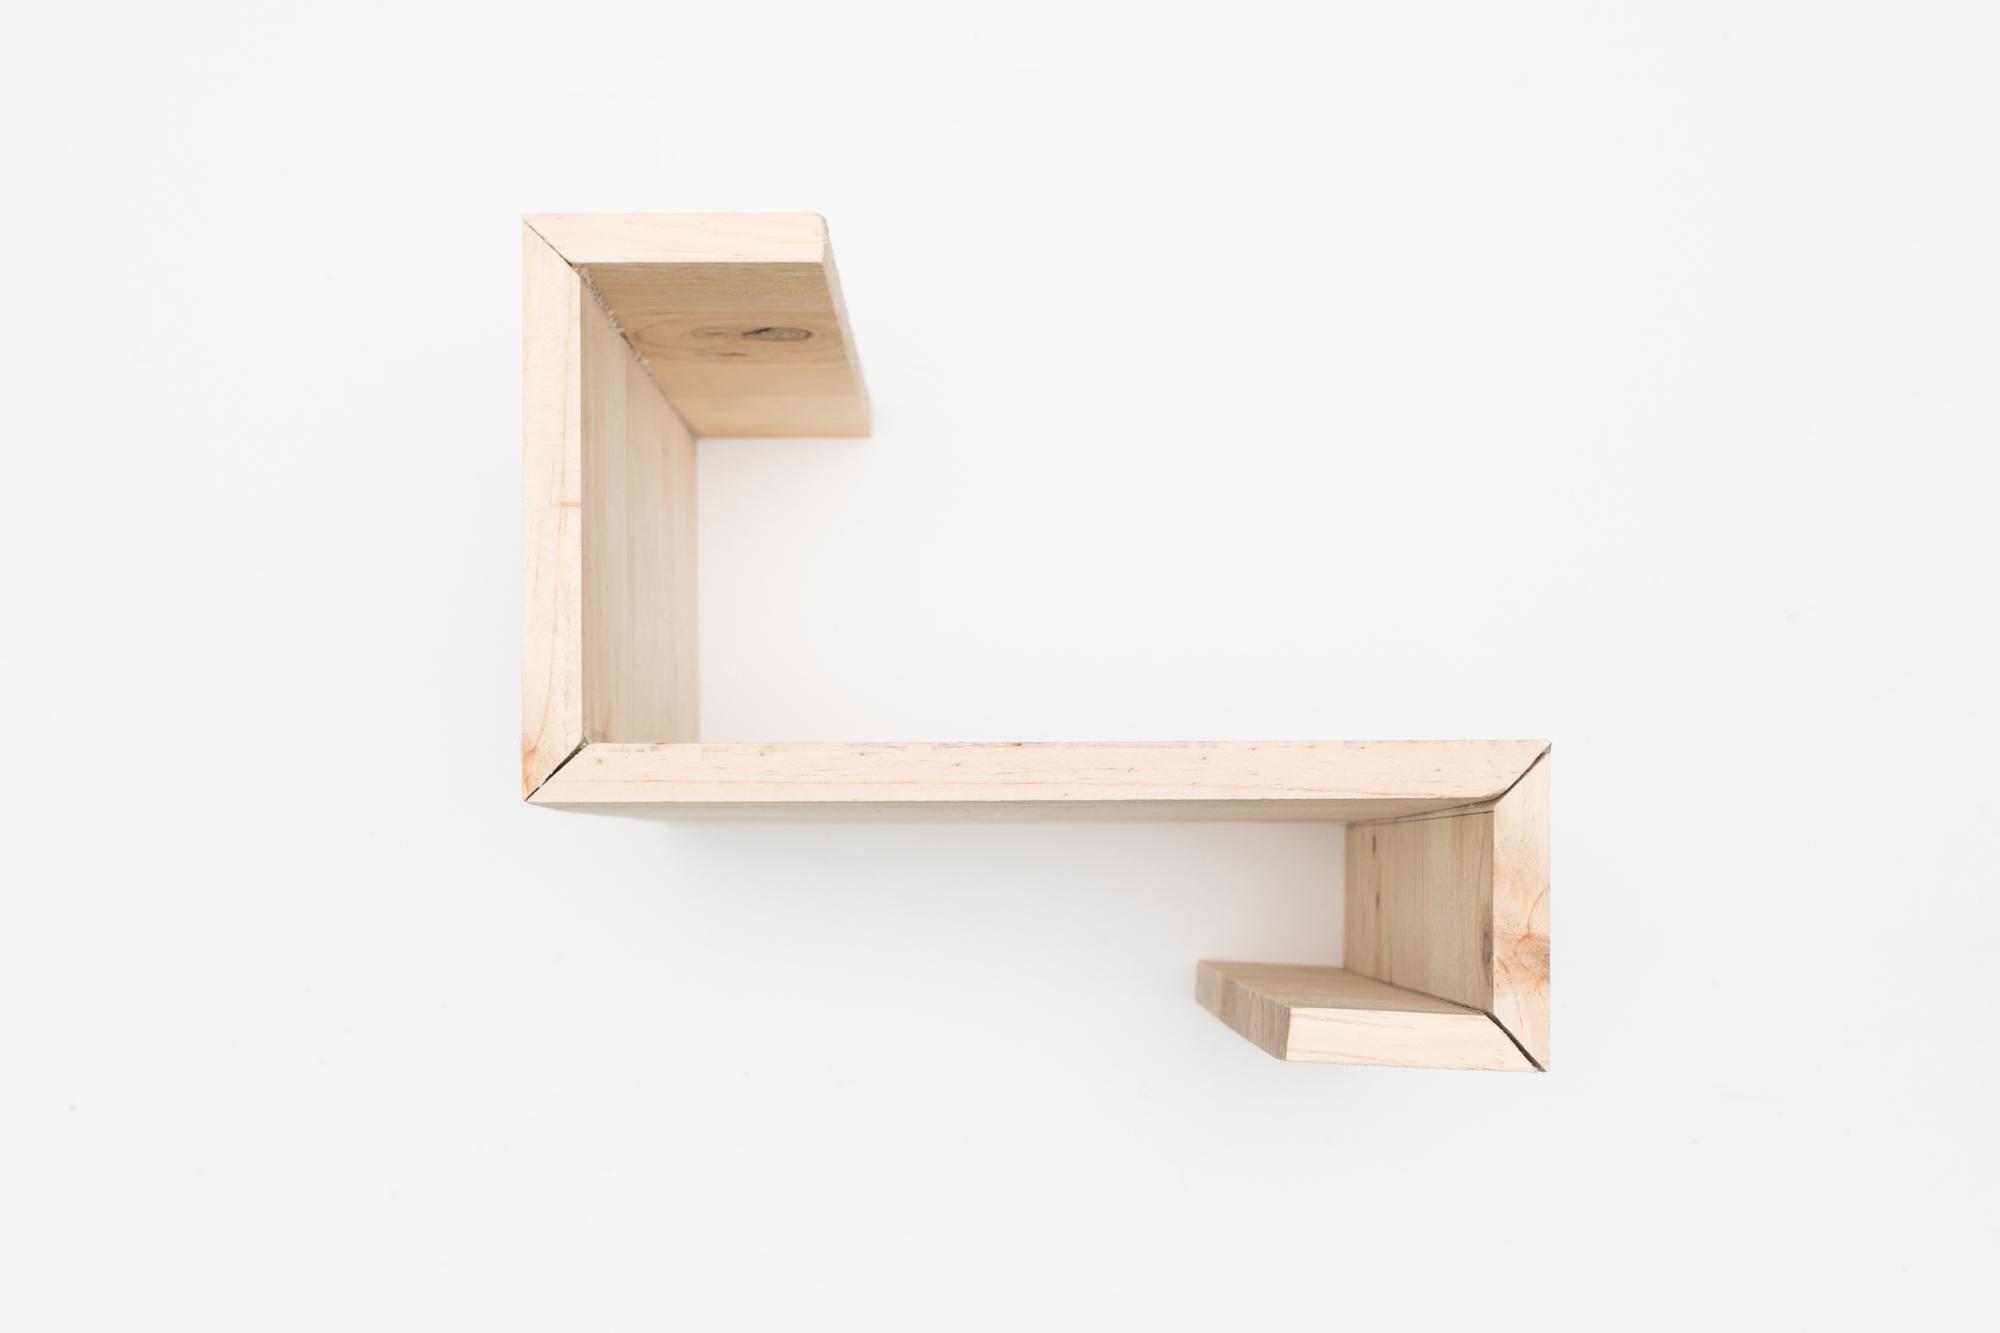 plateau-canape-diy-wood-5